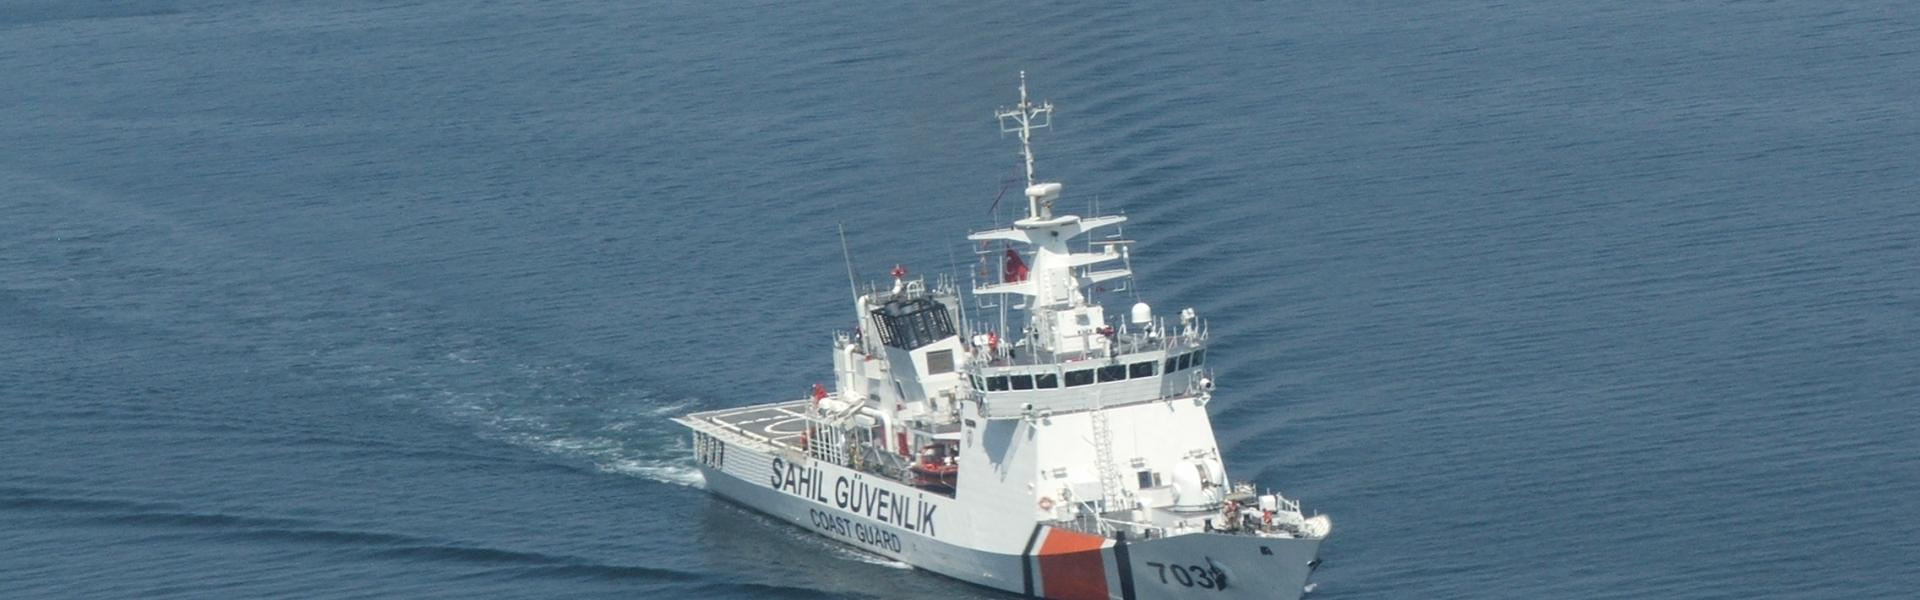 Türkiye'den Libya'ya giden mühimmat gemisine suçüstü!